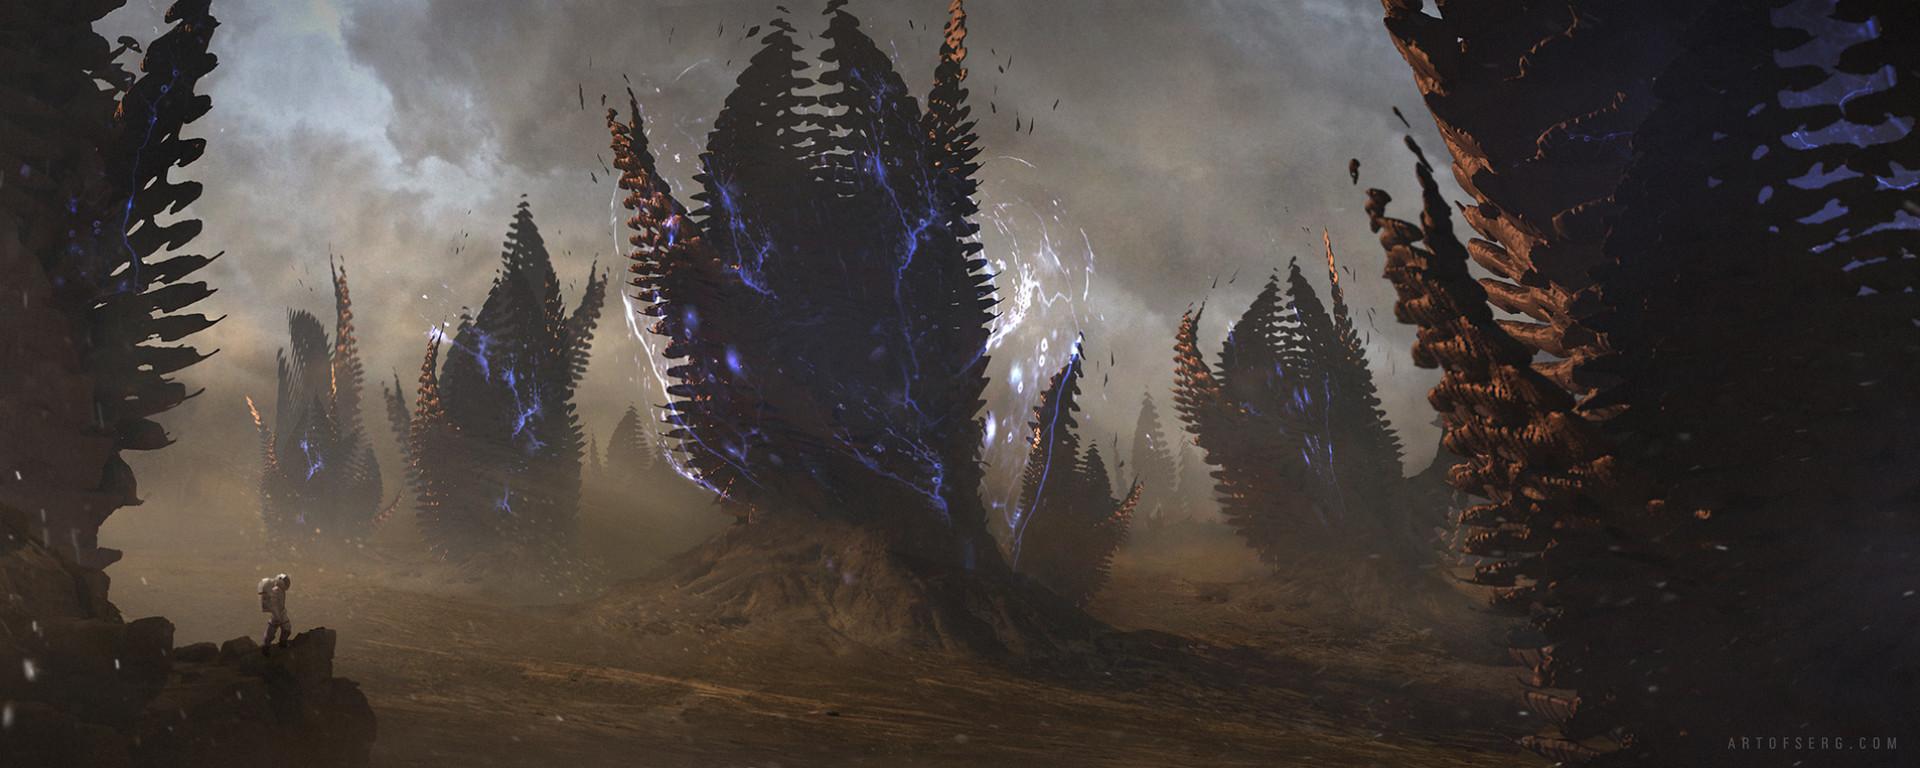 serg-souleiman-alien-structures.jpg